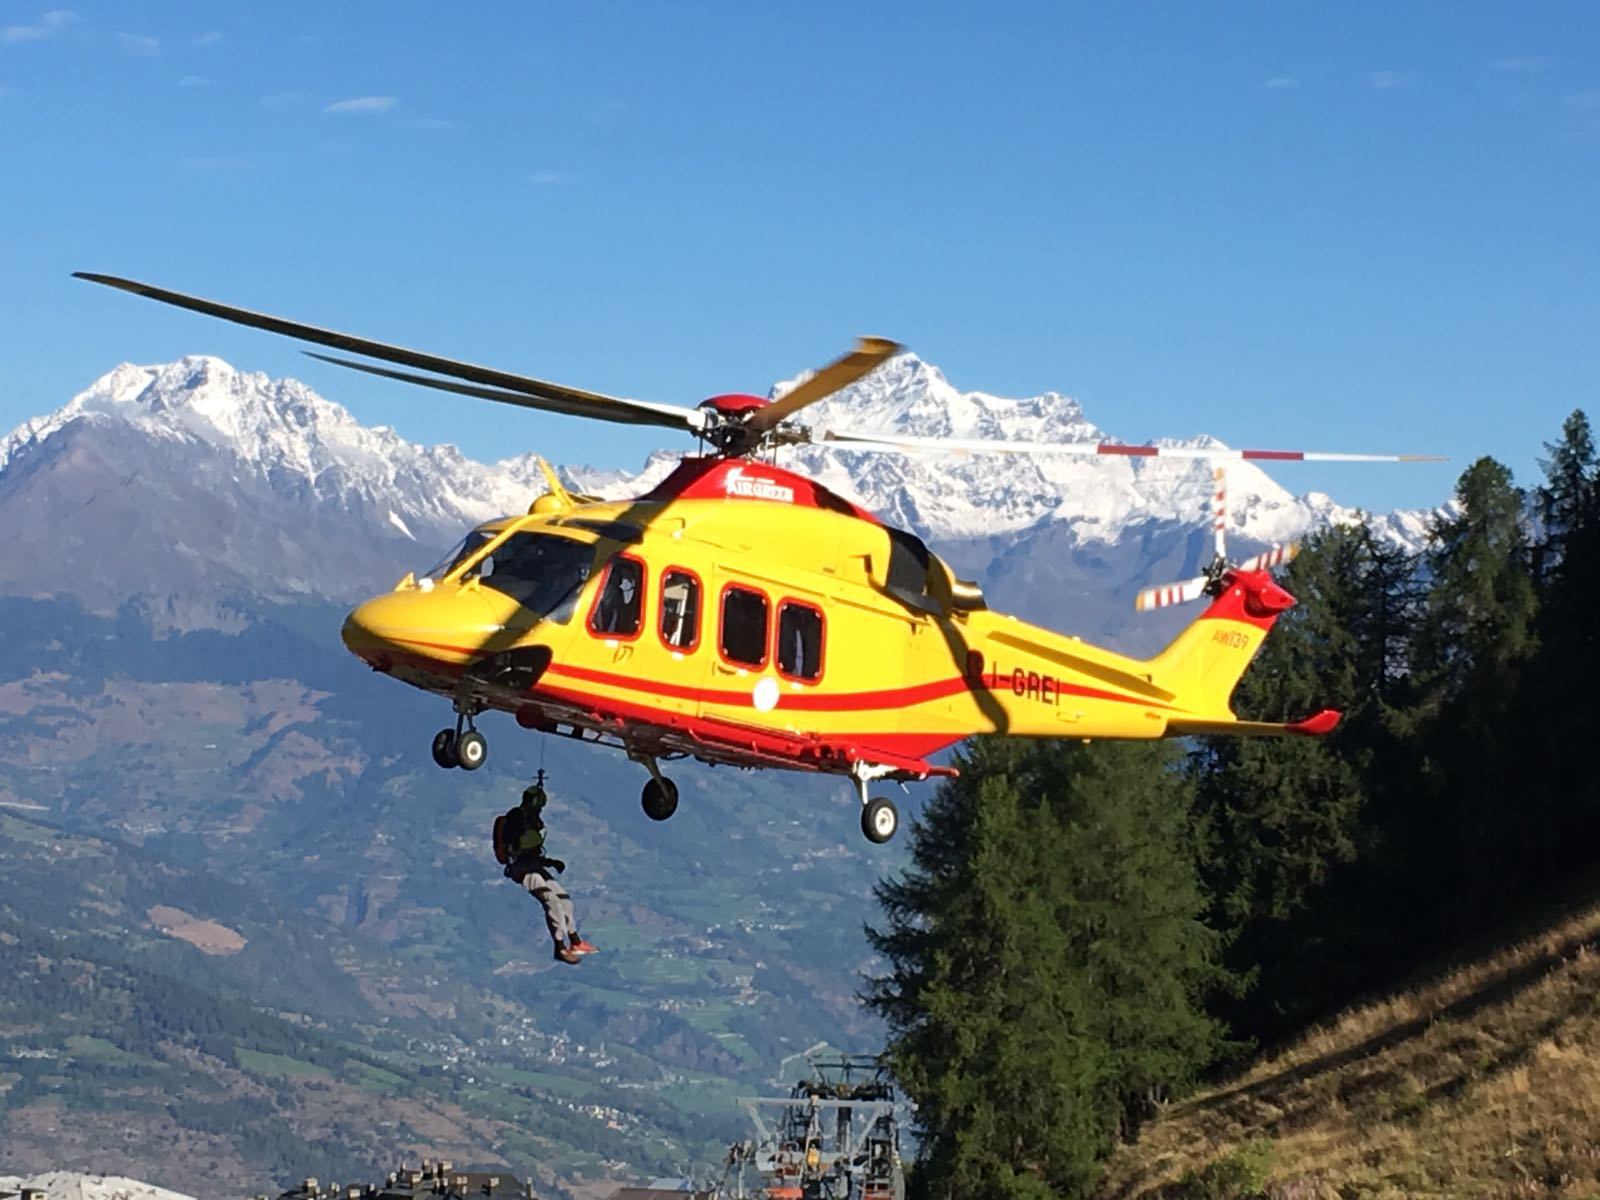 Elicottero 139 : Avionews elicottero aw 139 utilizzato dal soccorso alpino